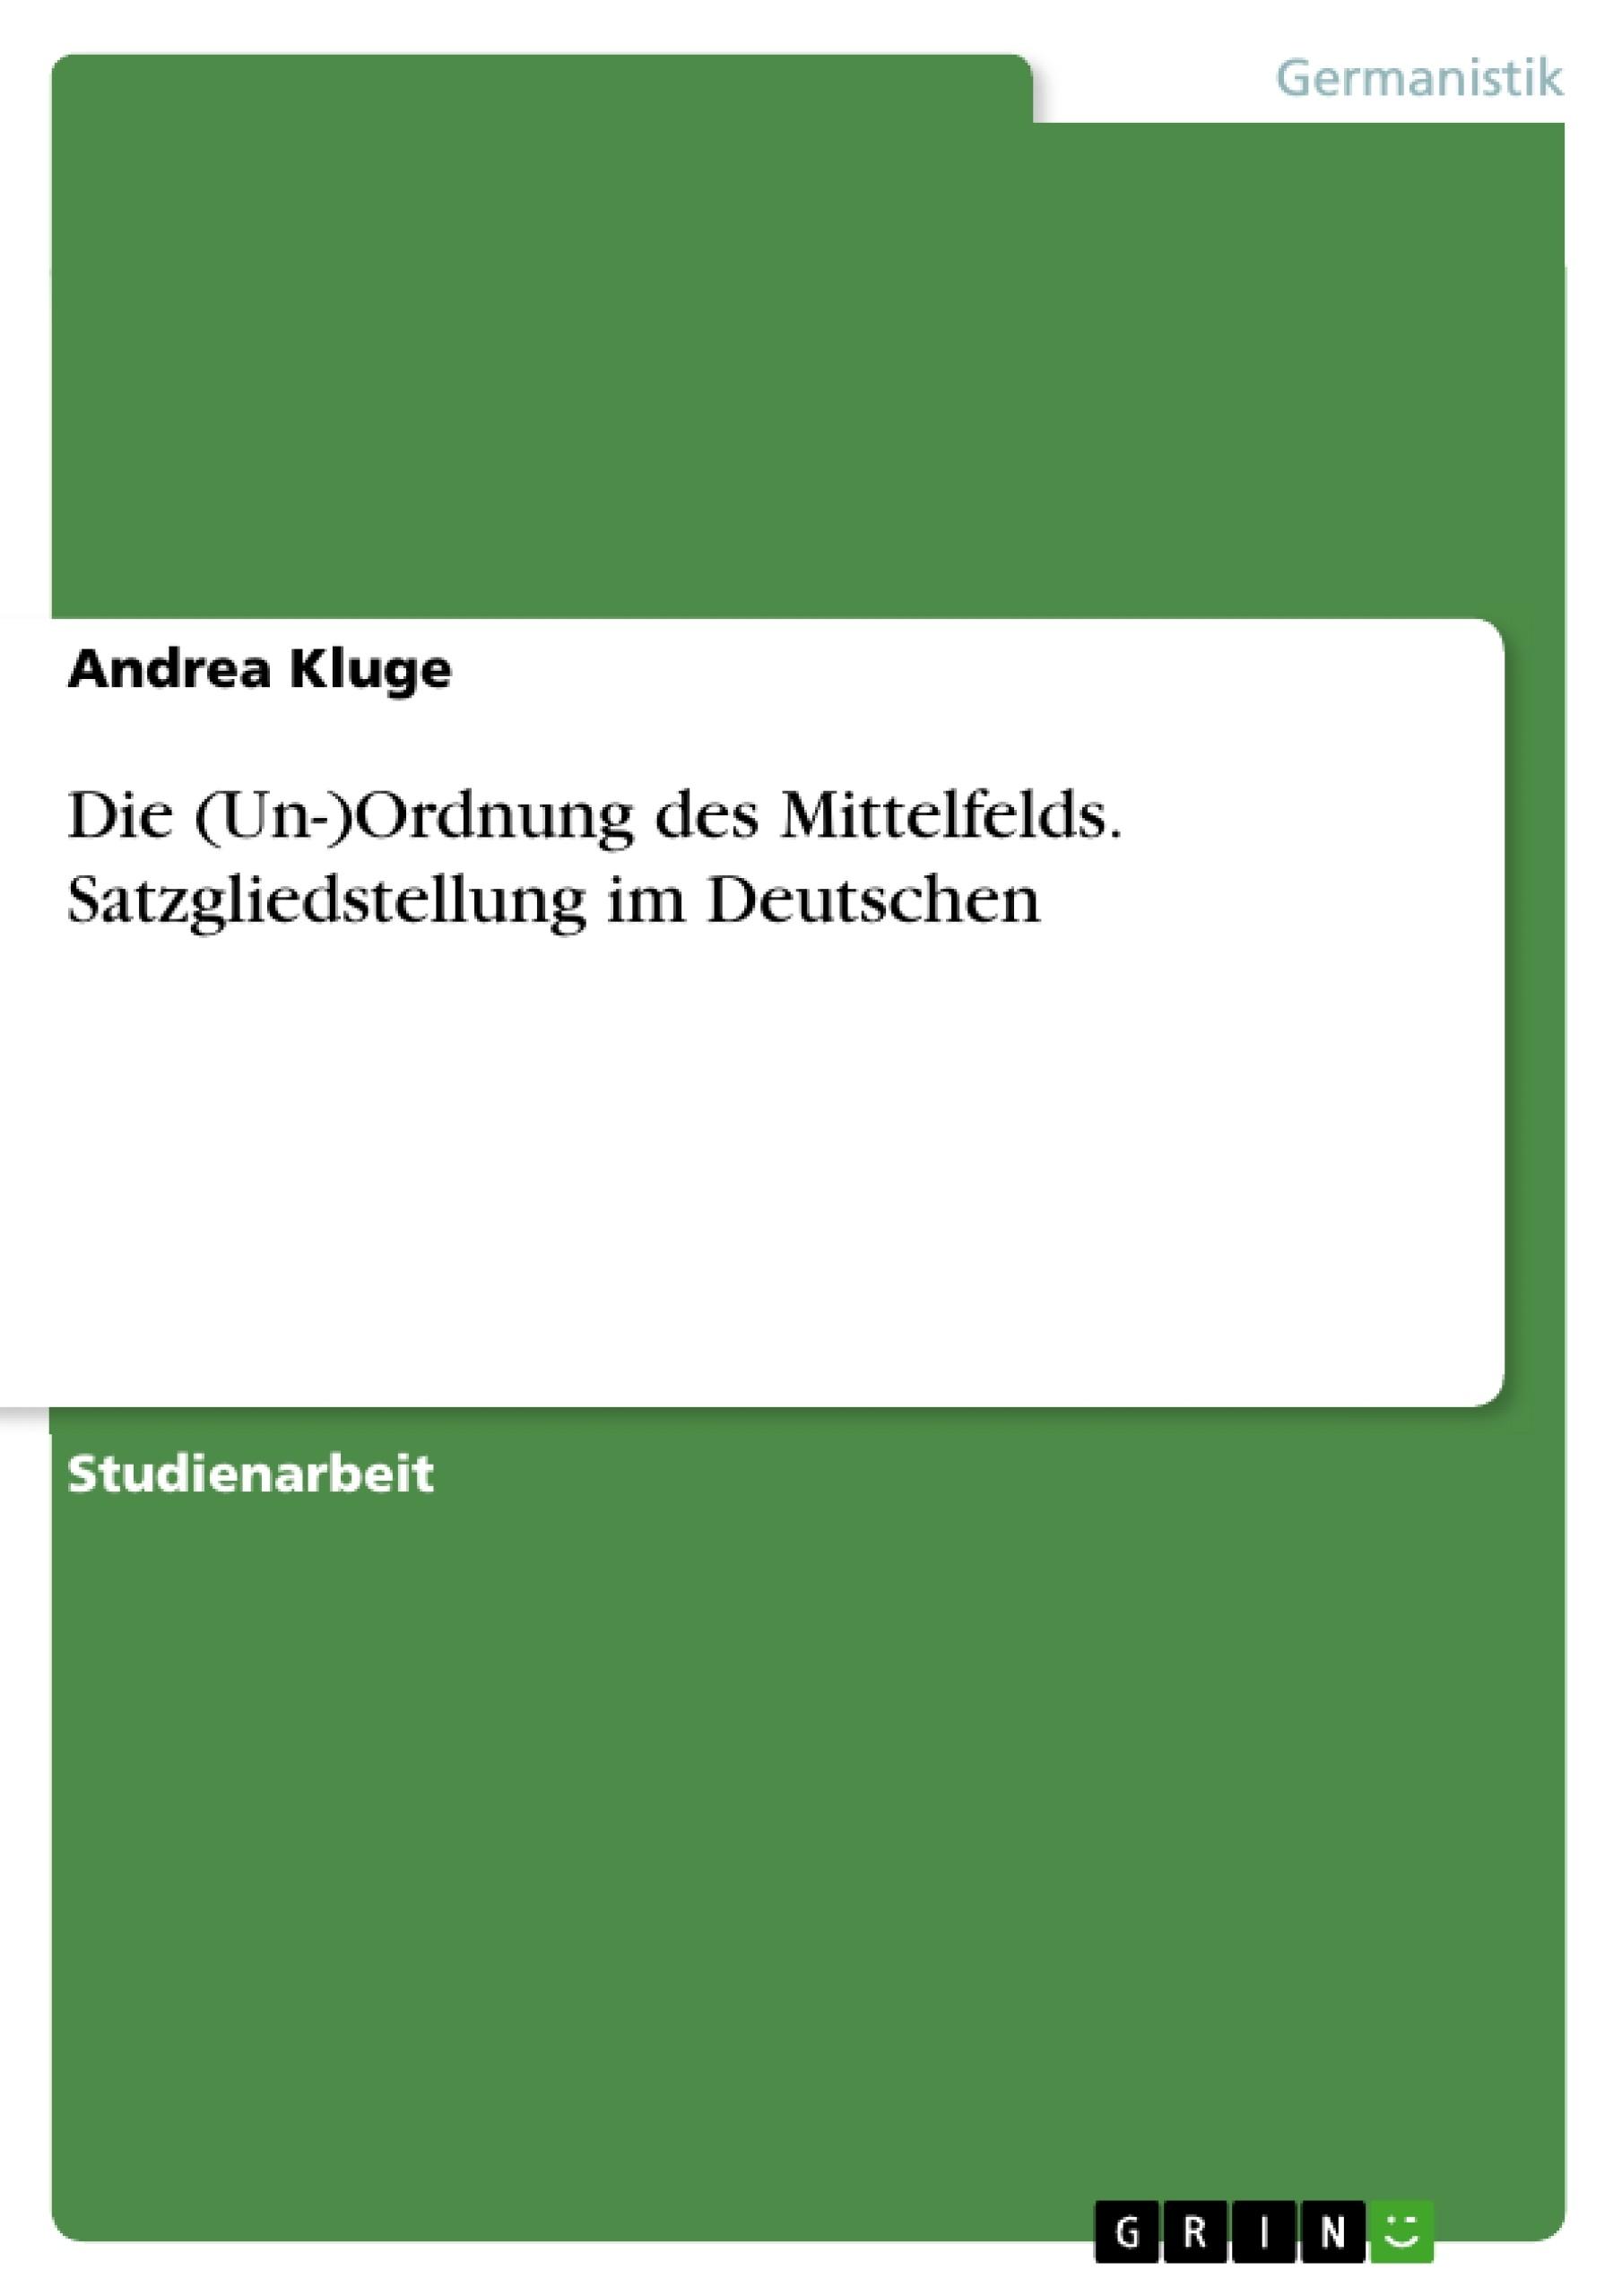 Titel: Die (Un-)Ordnung des Mittelfelds. Satzgliedstellung im Deutschen